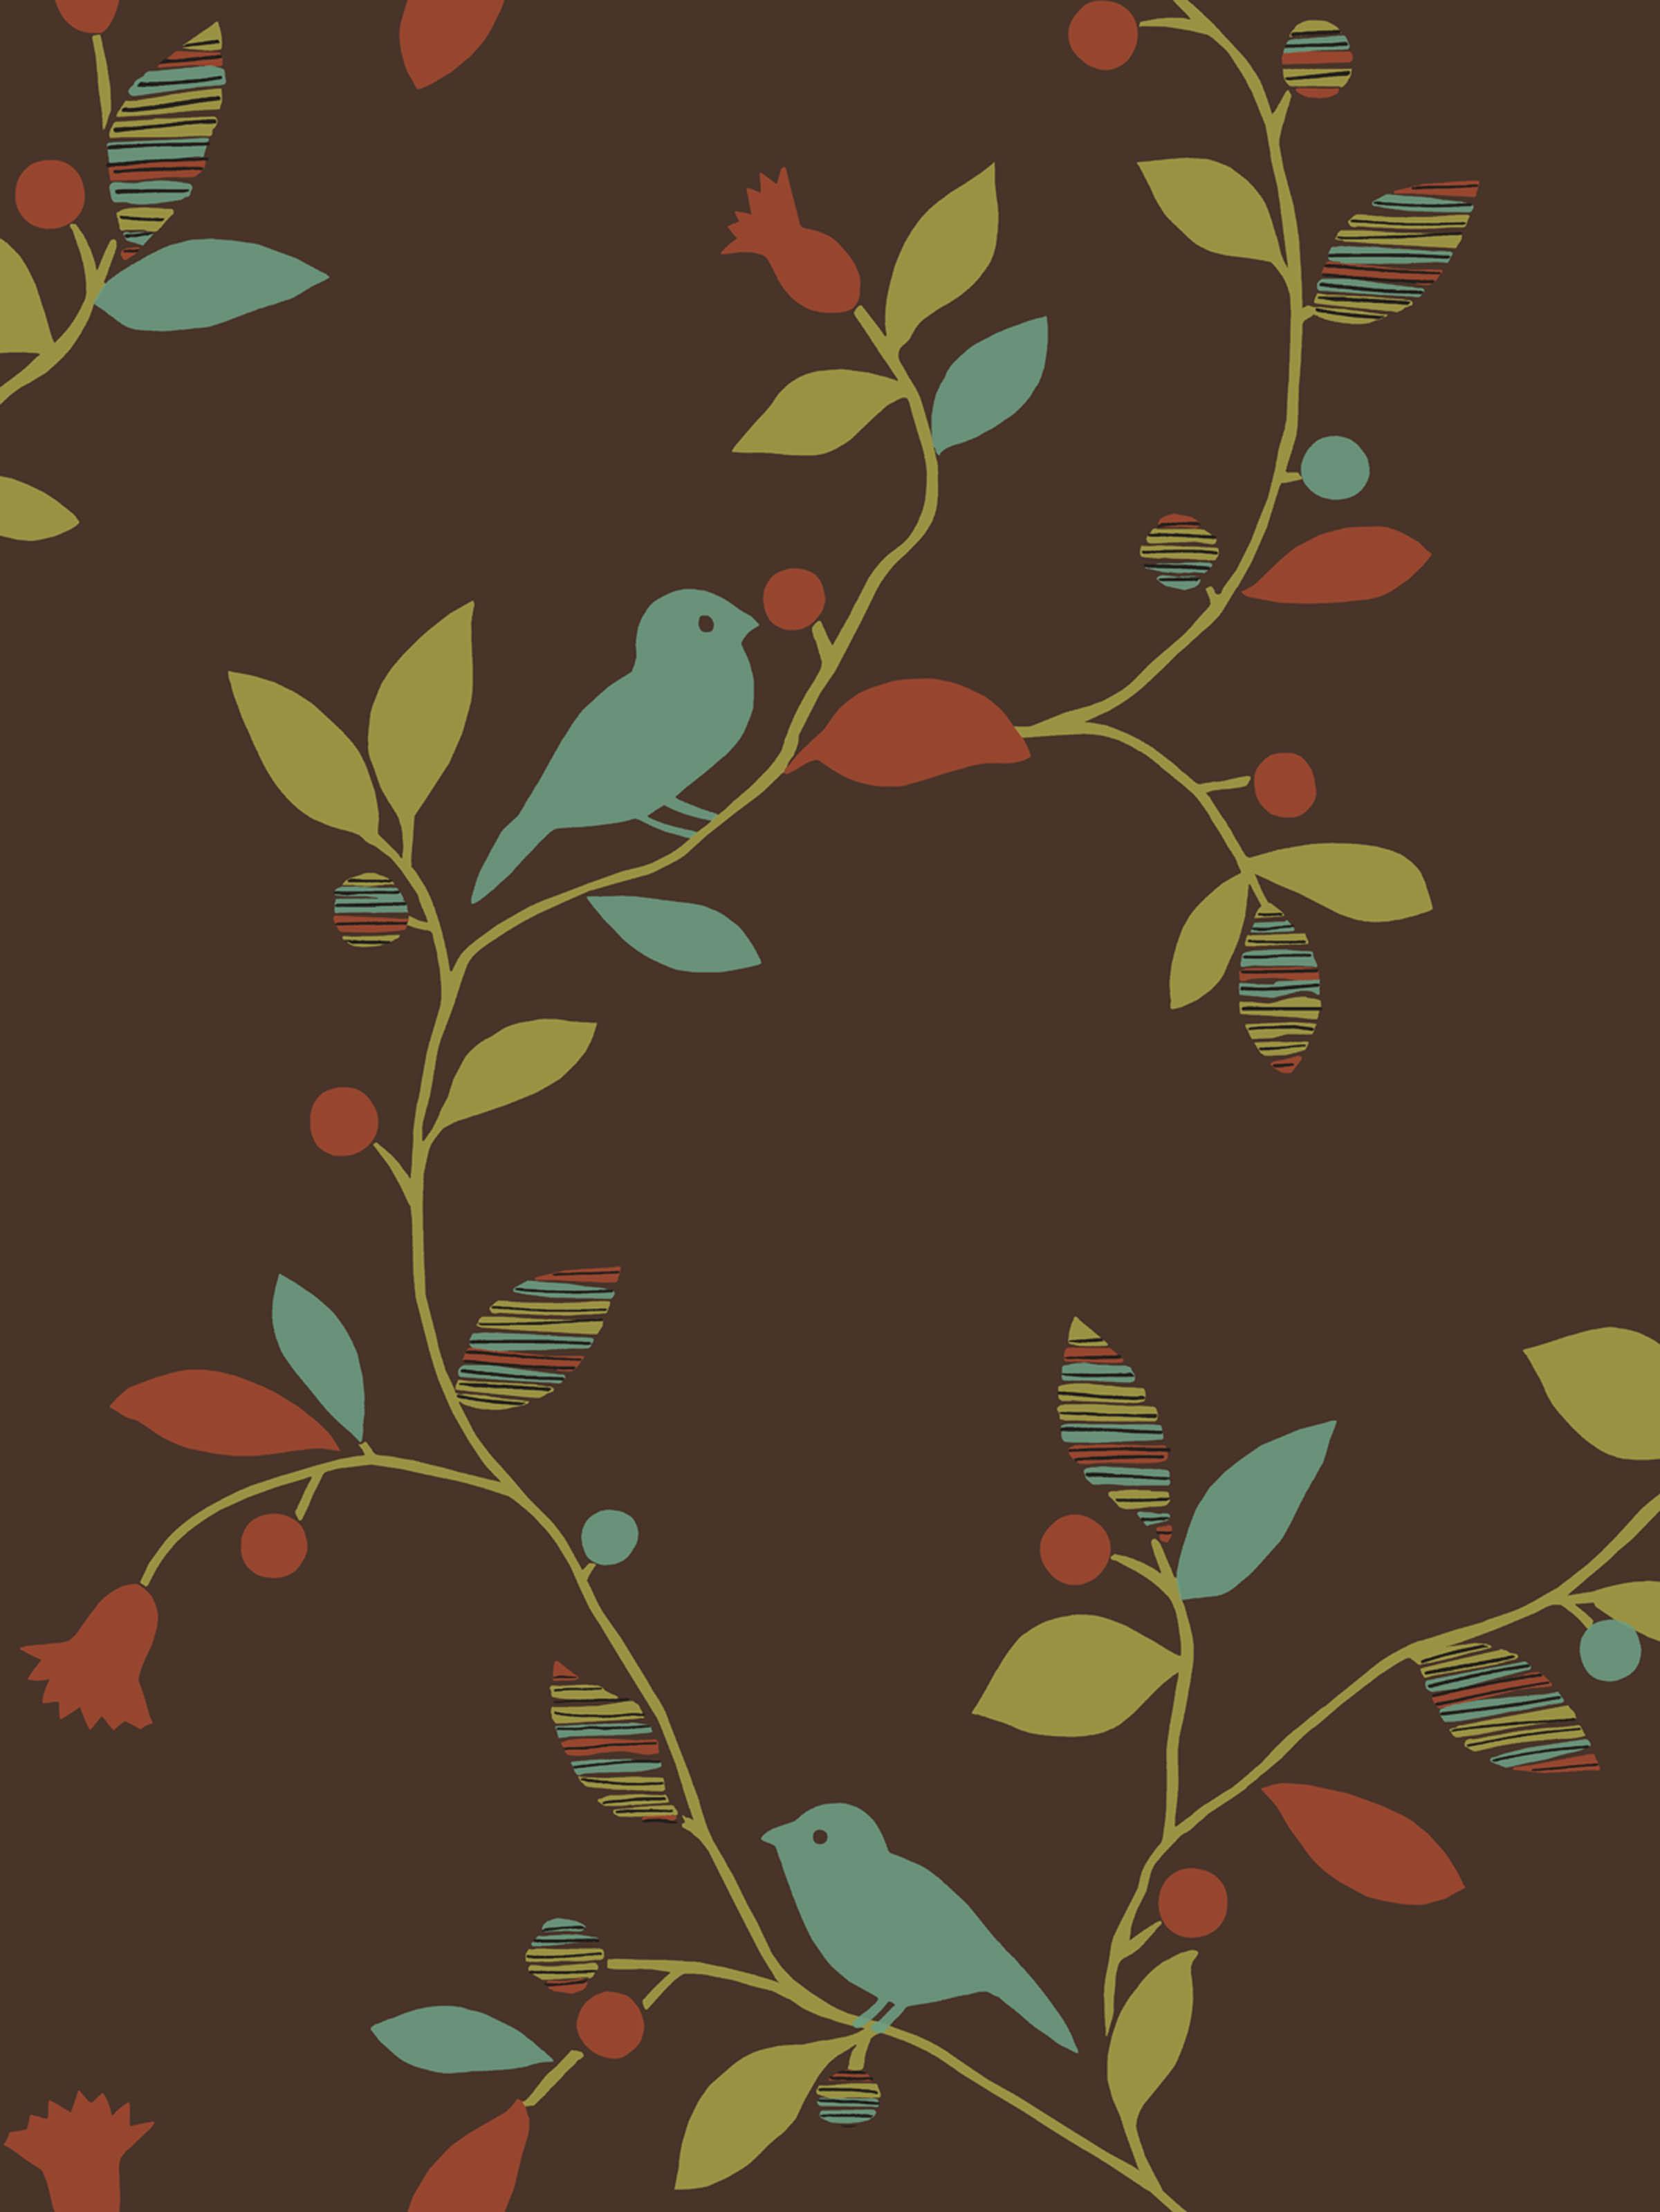 Bird Trail design from Sandpiper Studios Eco Chic wallpaper 2400x3198